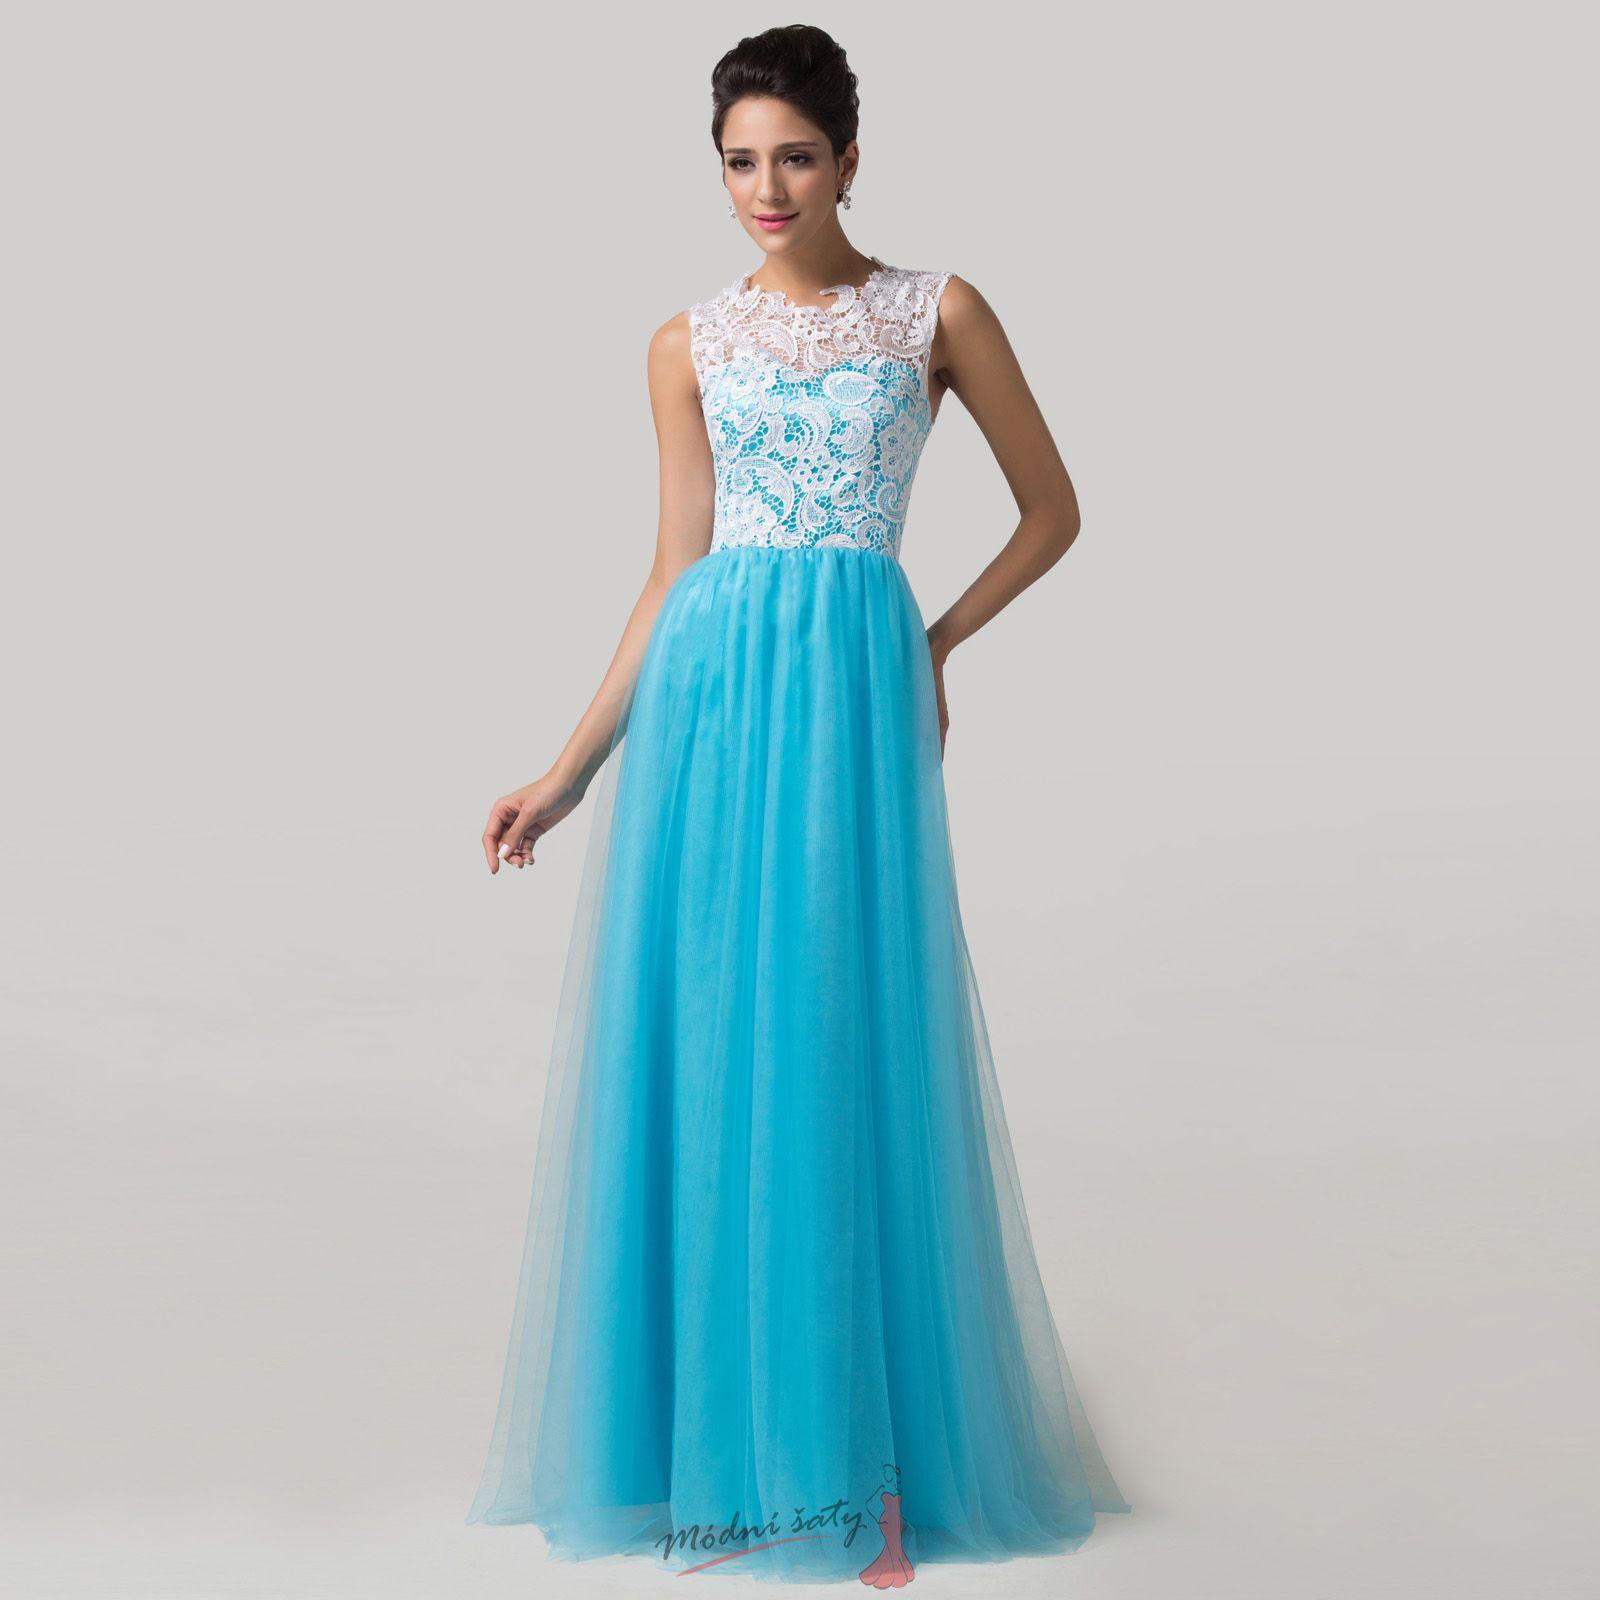 6cbd73b5d42 Dlouhé šaty s modrou sukní a bílou krajkou